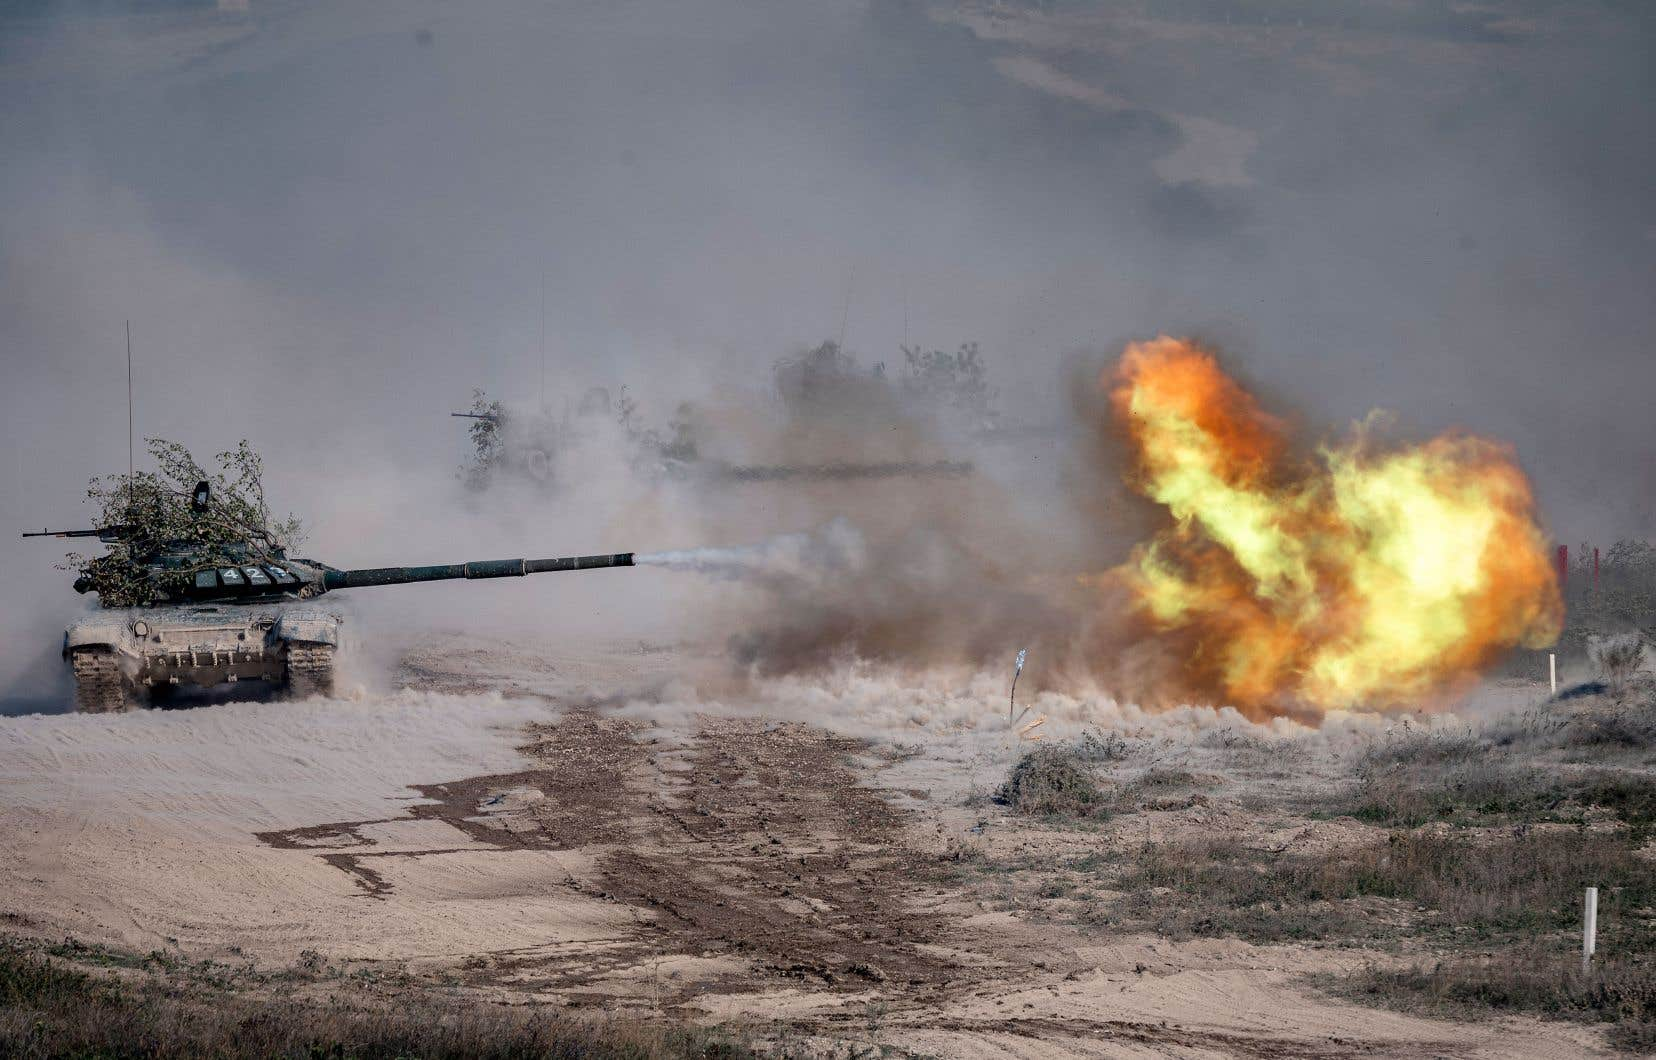 Les deux camps ont échangé depuis le matin des tirs d'artillerie et ont déployé des blindés, et l'Azerbaïdjan a procédé à des bombardements aériens.